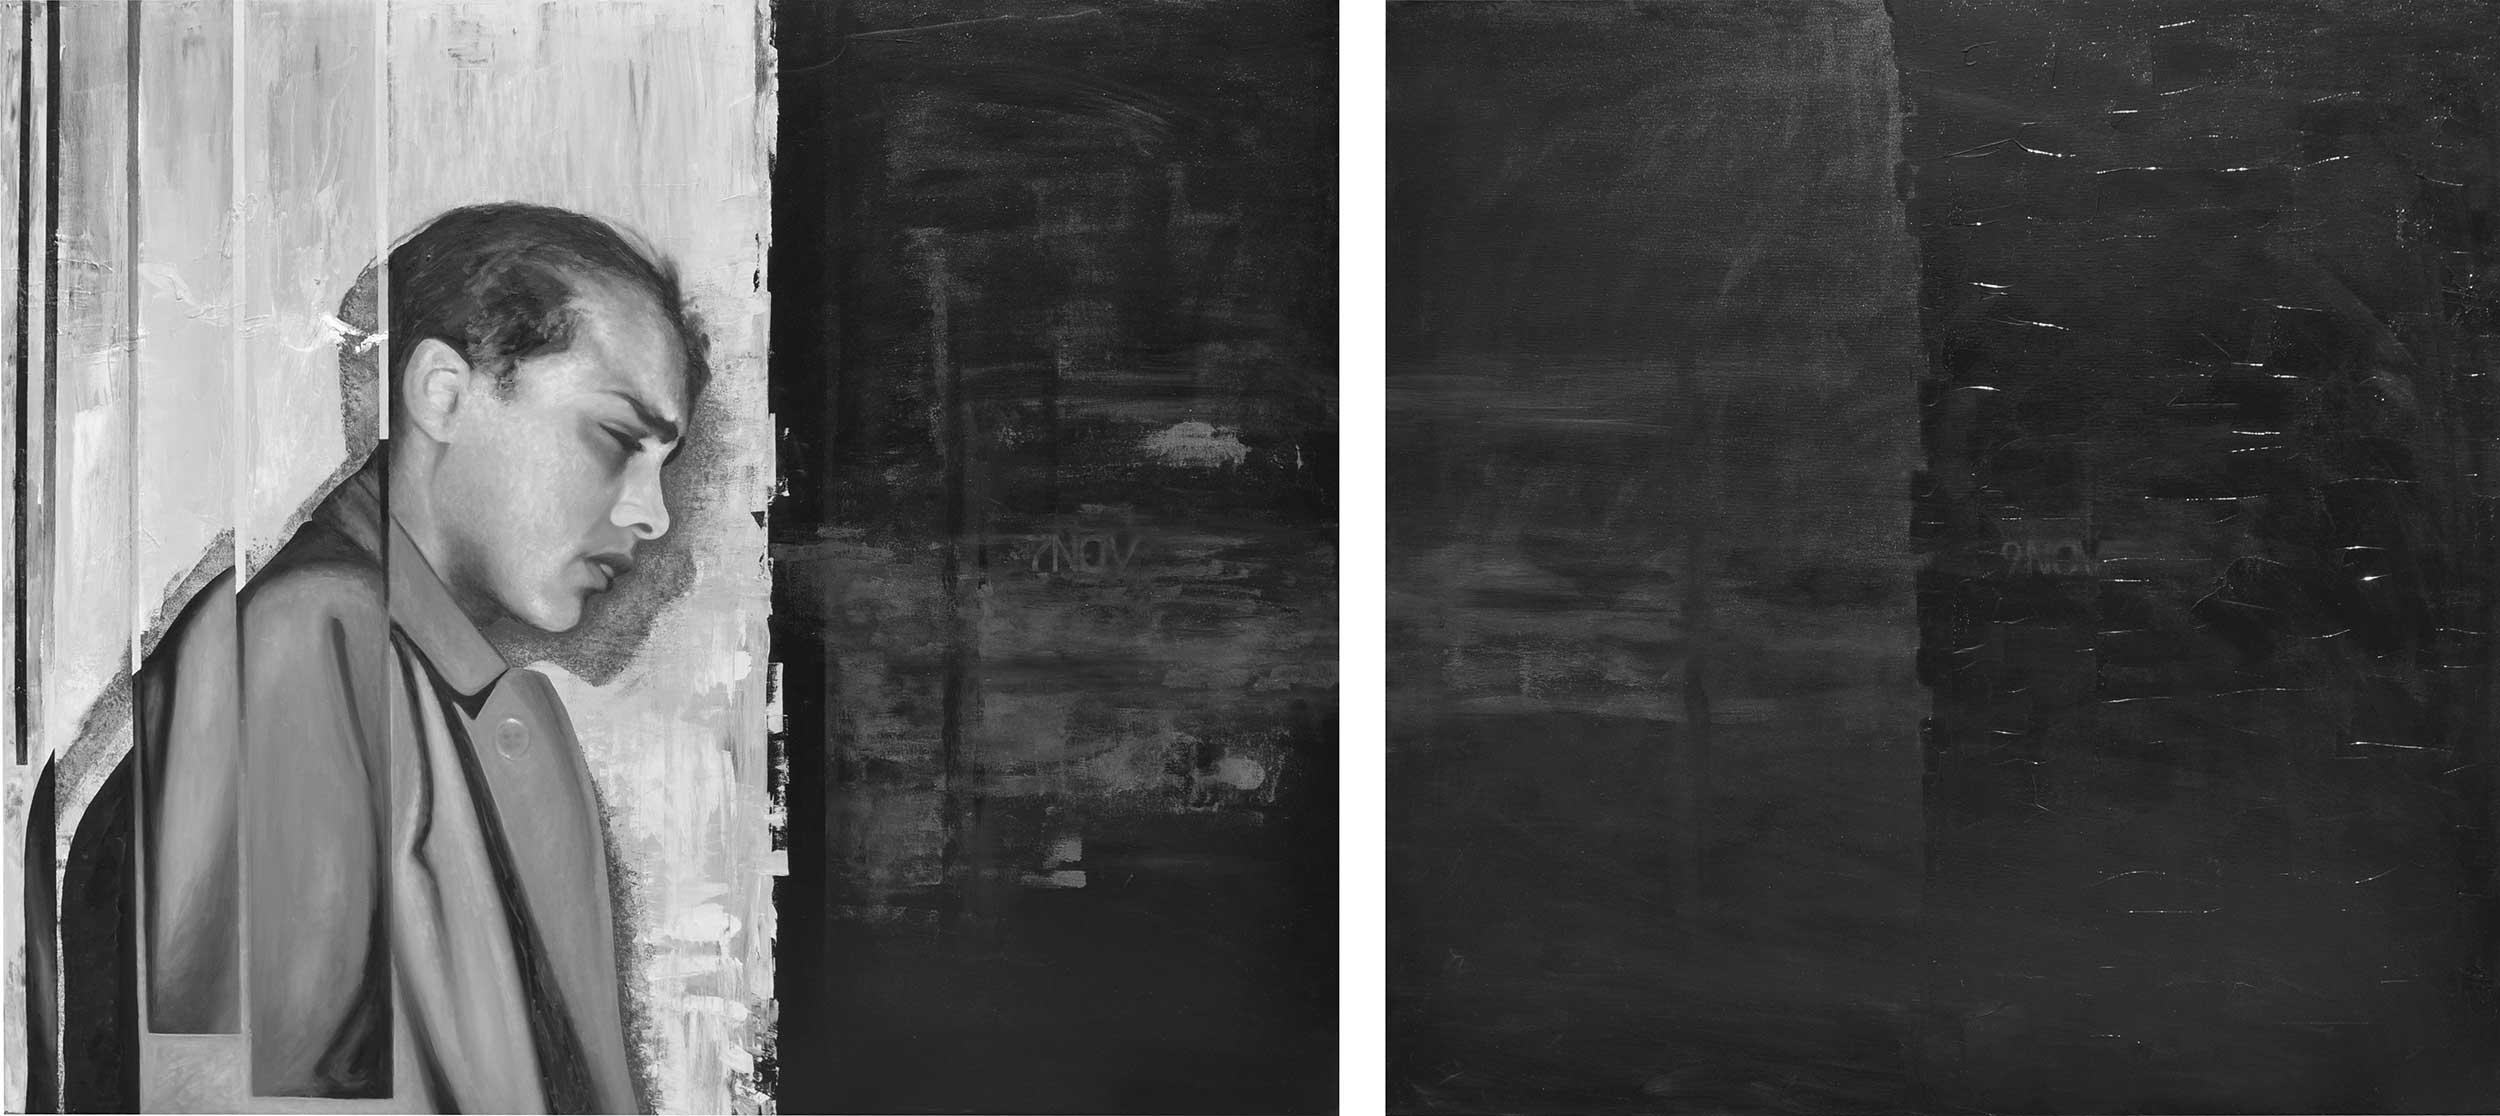 Novemberkind - Gemälde von Mario Wolf - Herschel Grynszpan